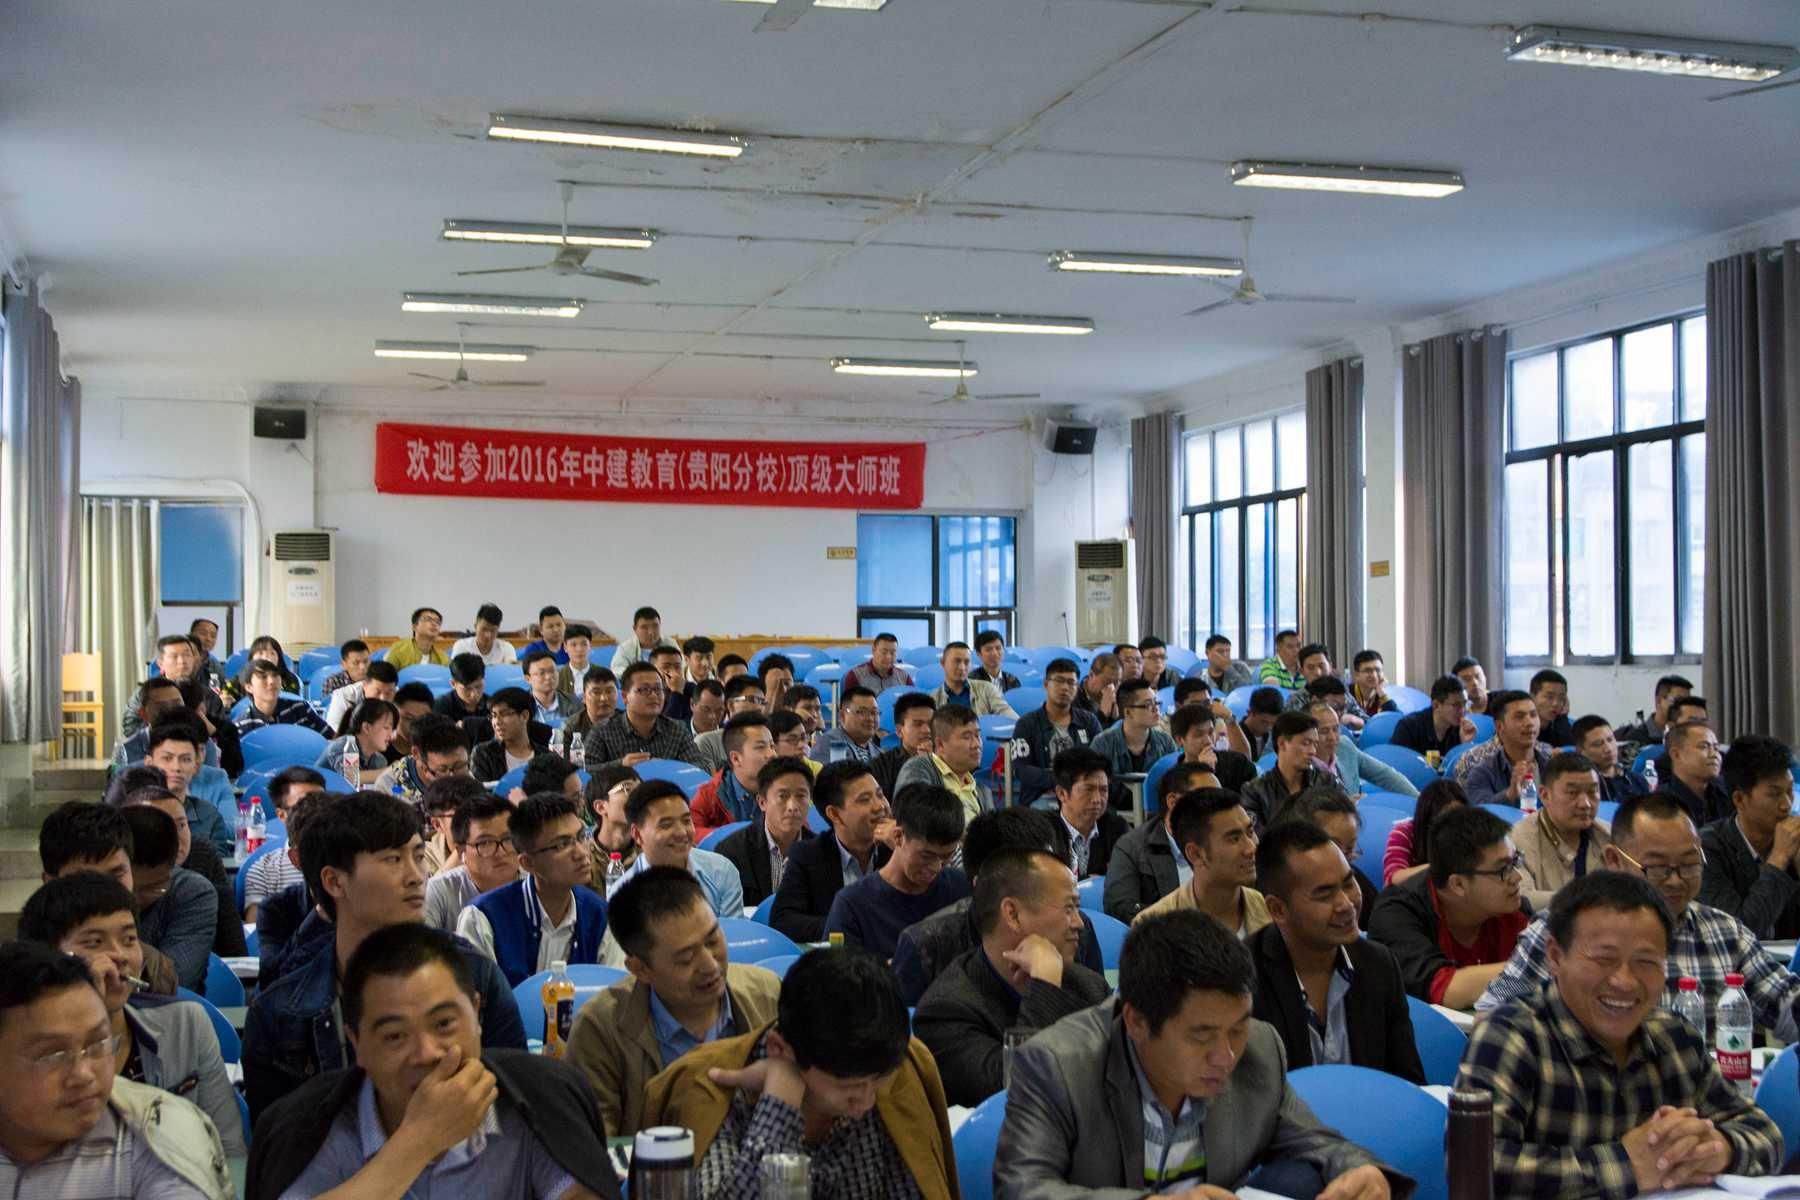 贵州中建尚学教育上课照片1